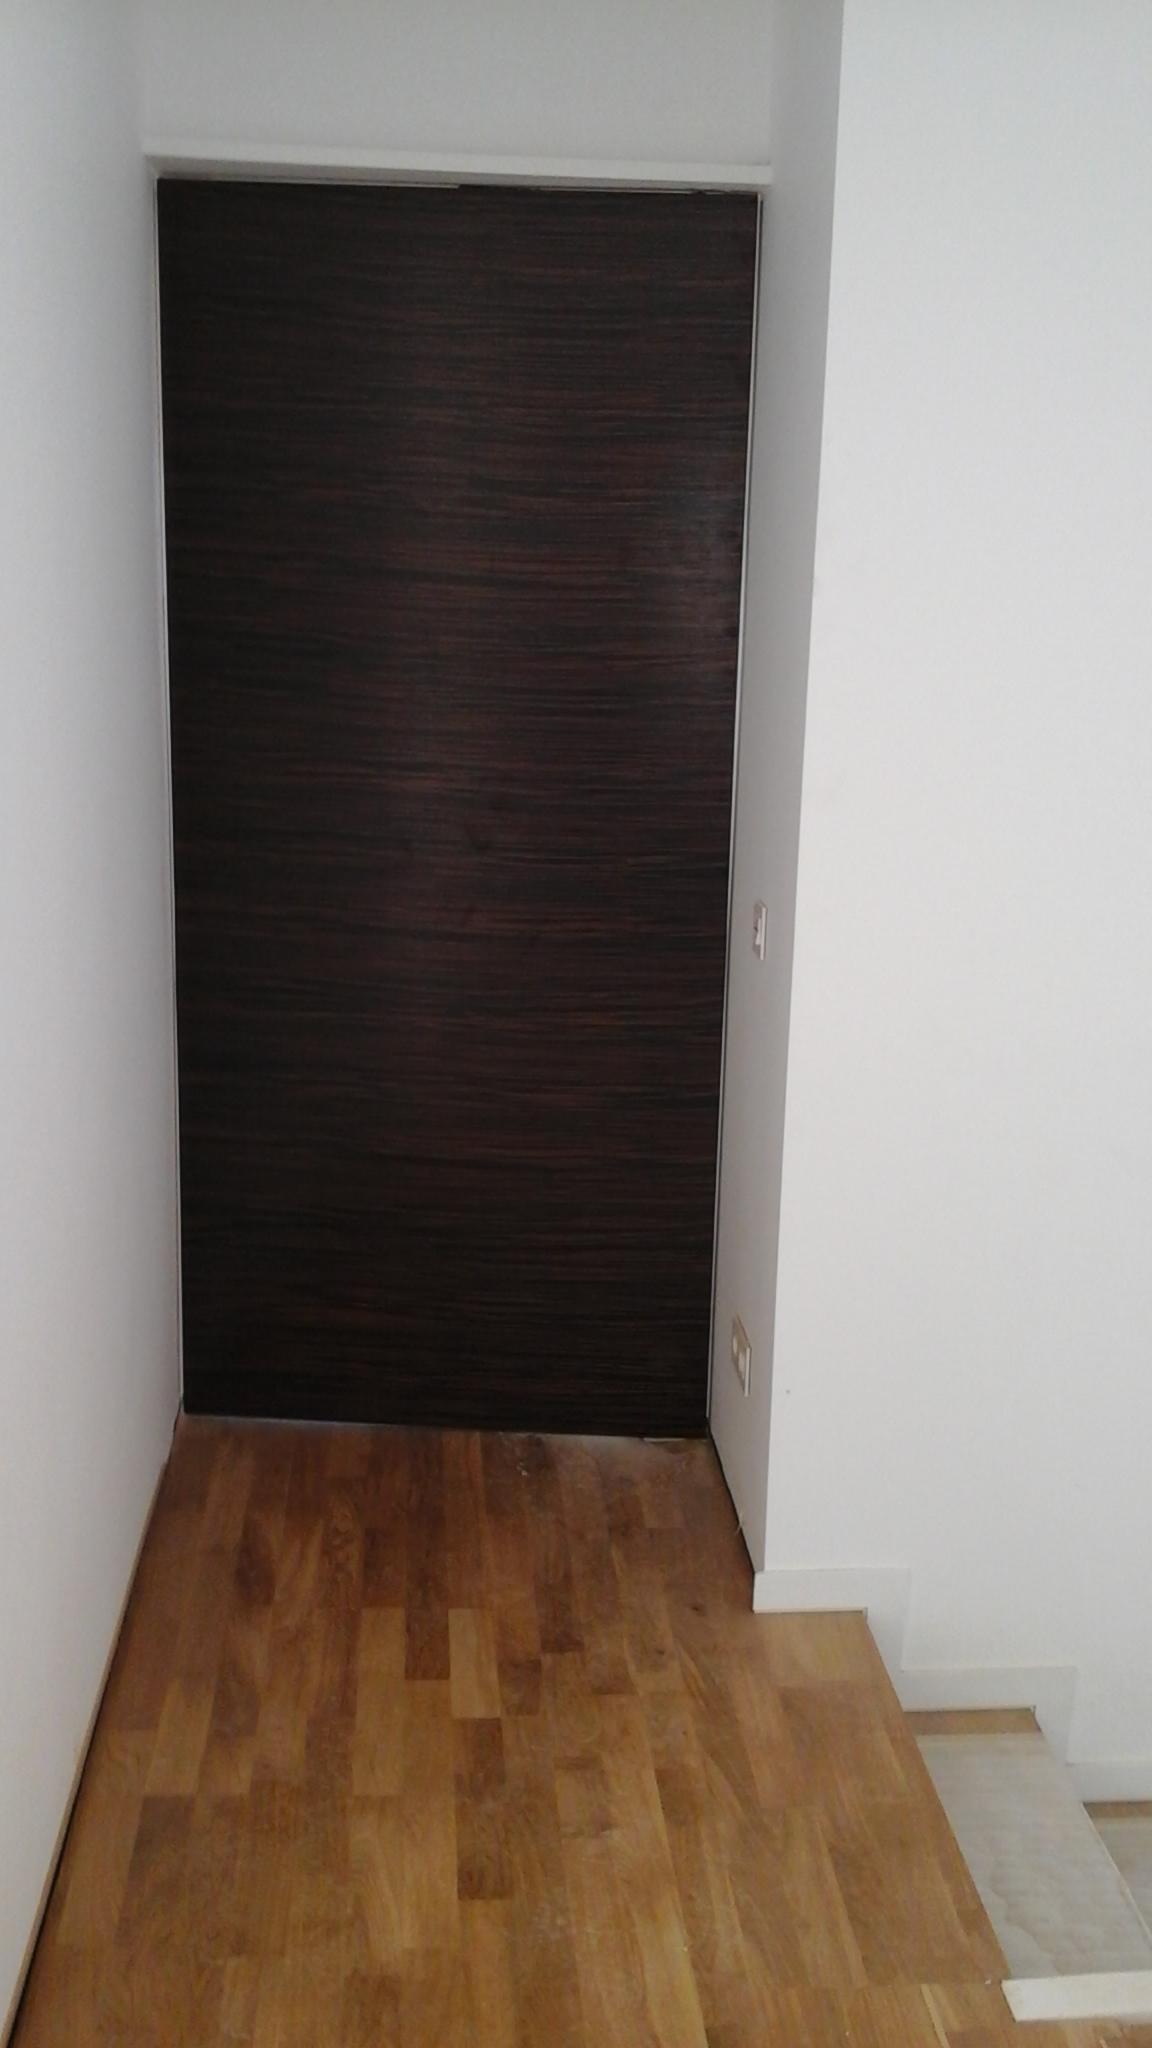 detalle-suelo-de-madera